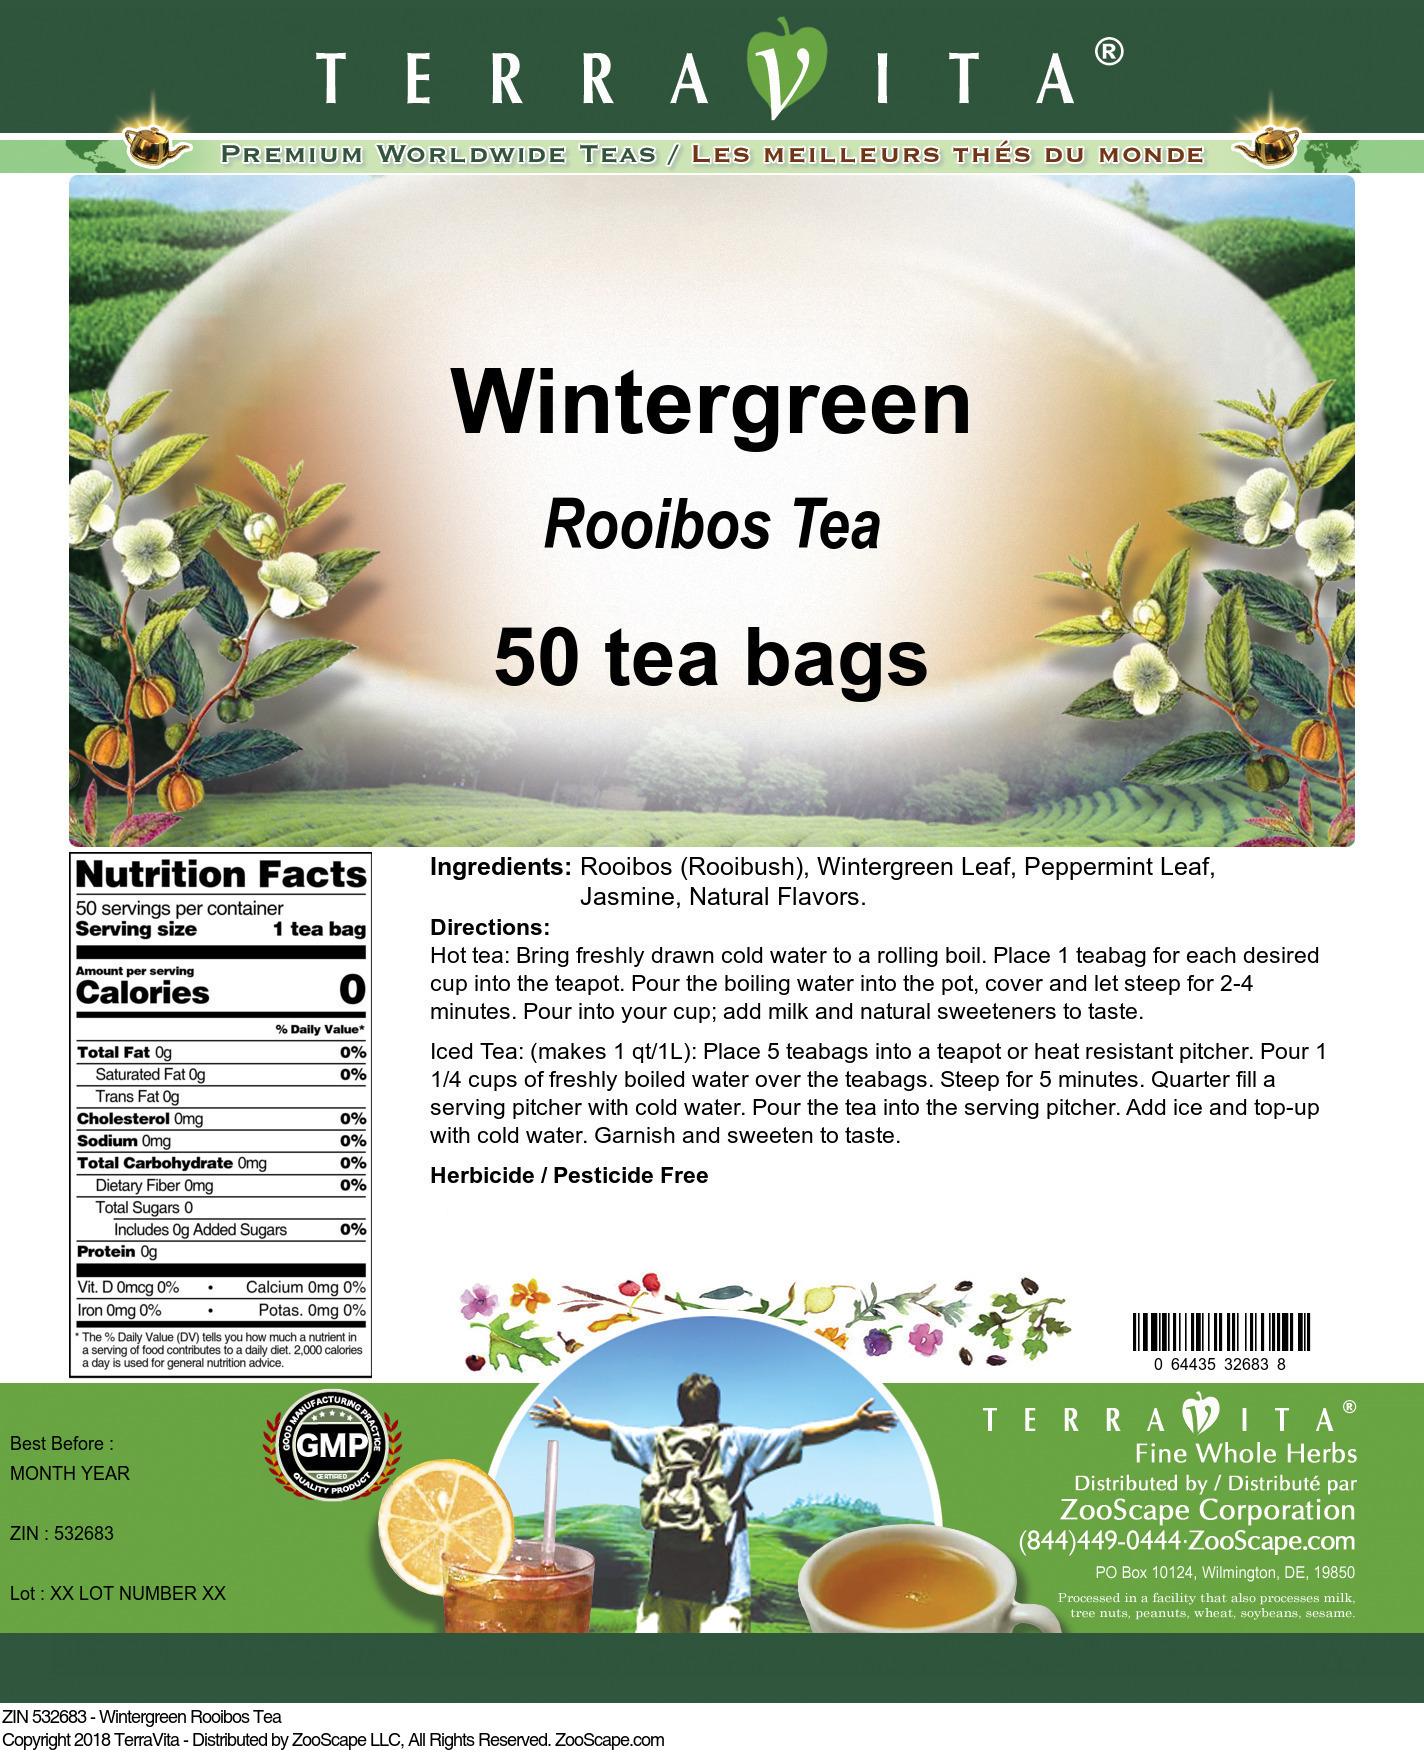 Wintergreen Rooibos Tea